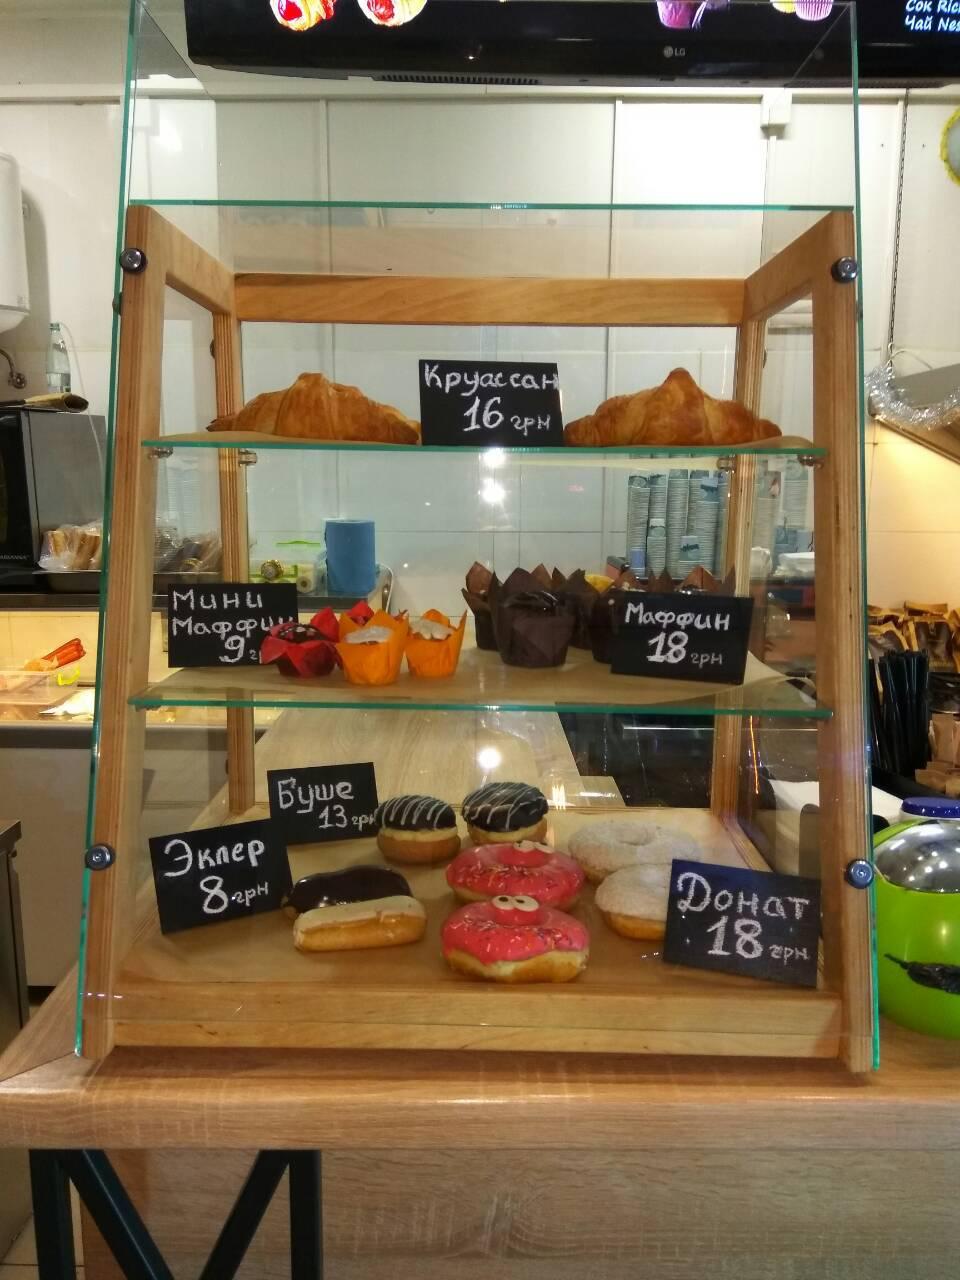 Кондитерская деревянная витрина без охлаждения для выпечки и десертов